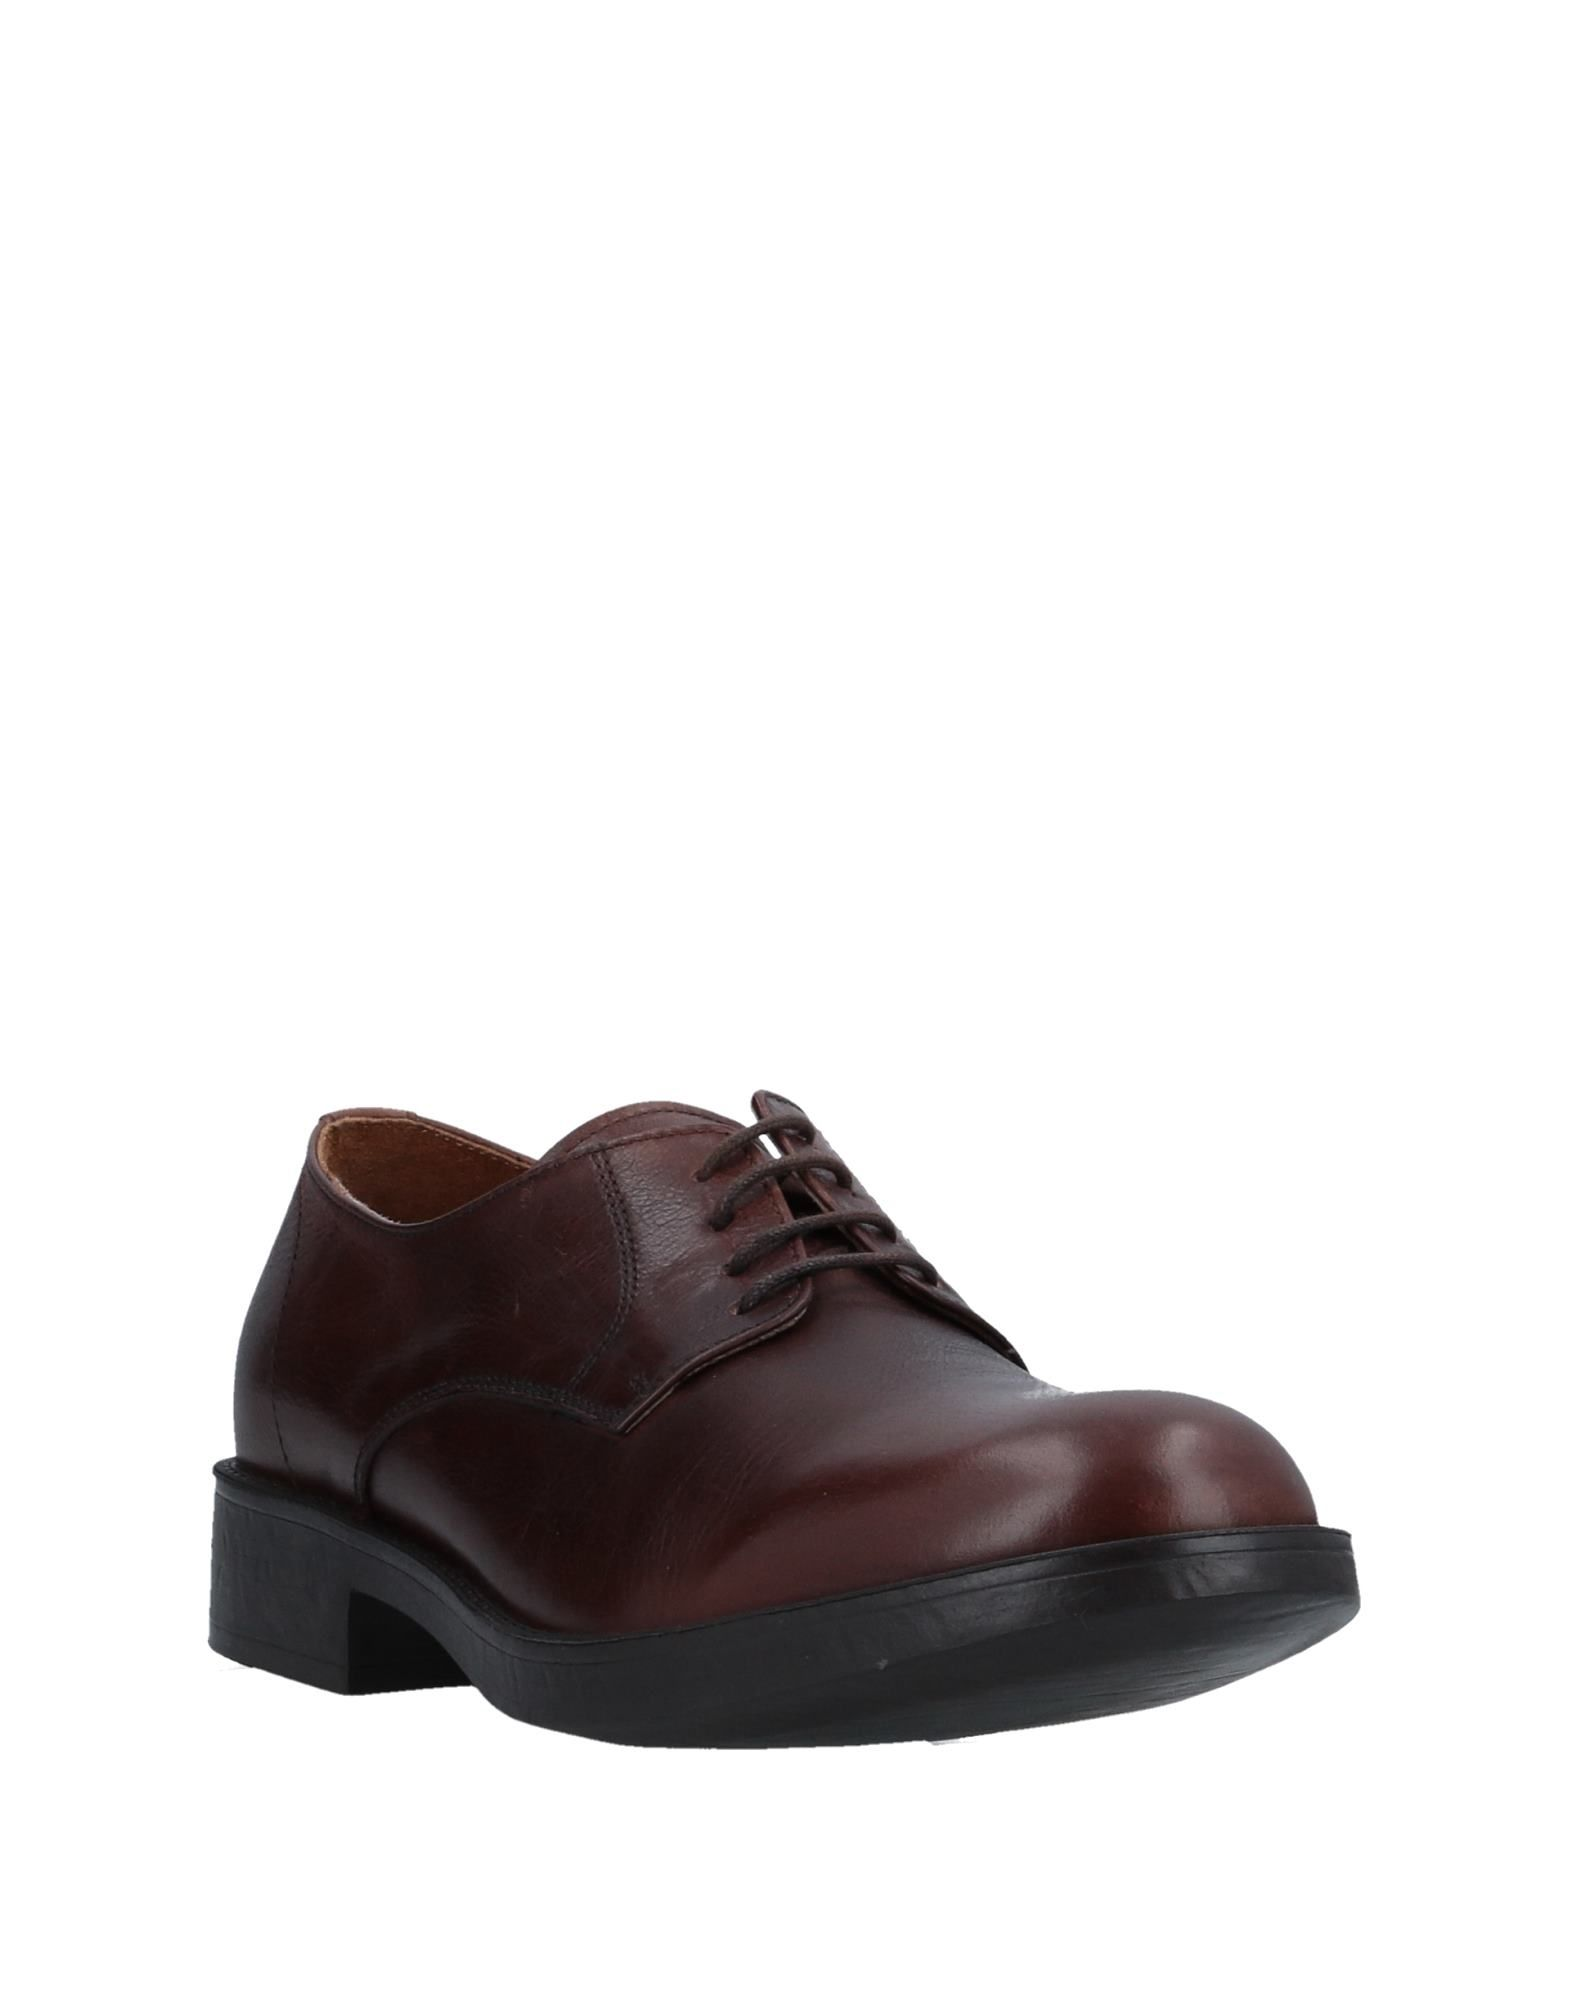 Loriblu Heiße Schnürschuhe Herren  11510630JQ Heiße Loriblu Schuhe bb103f